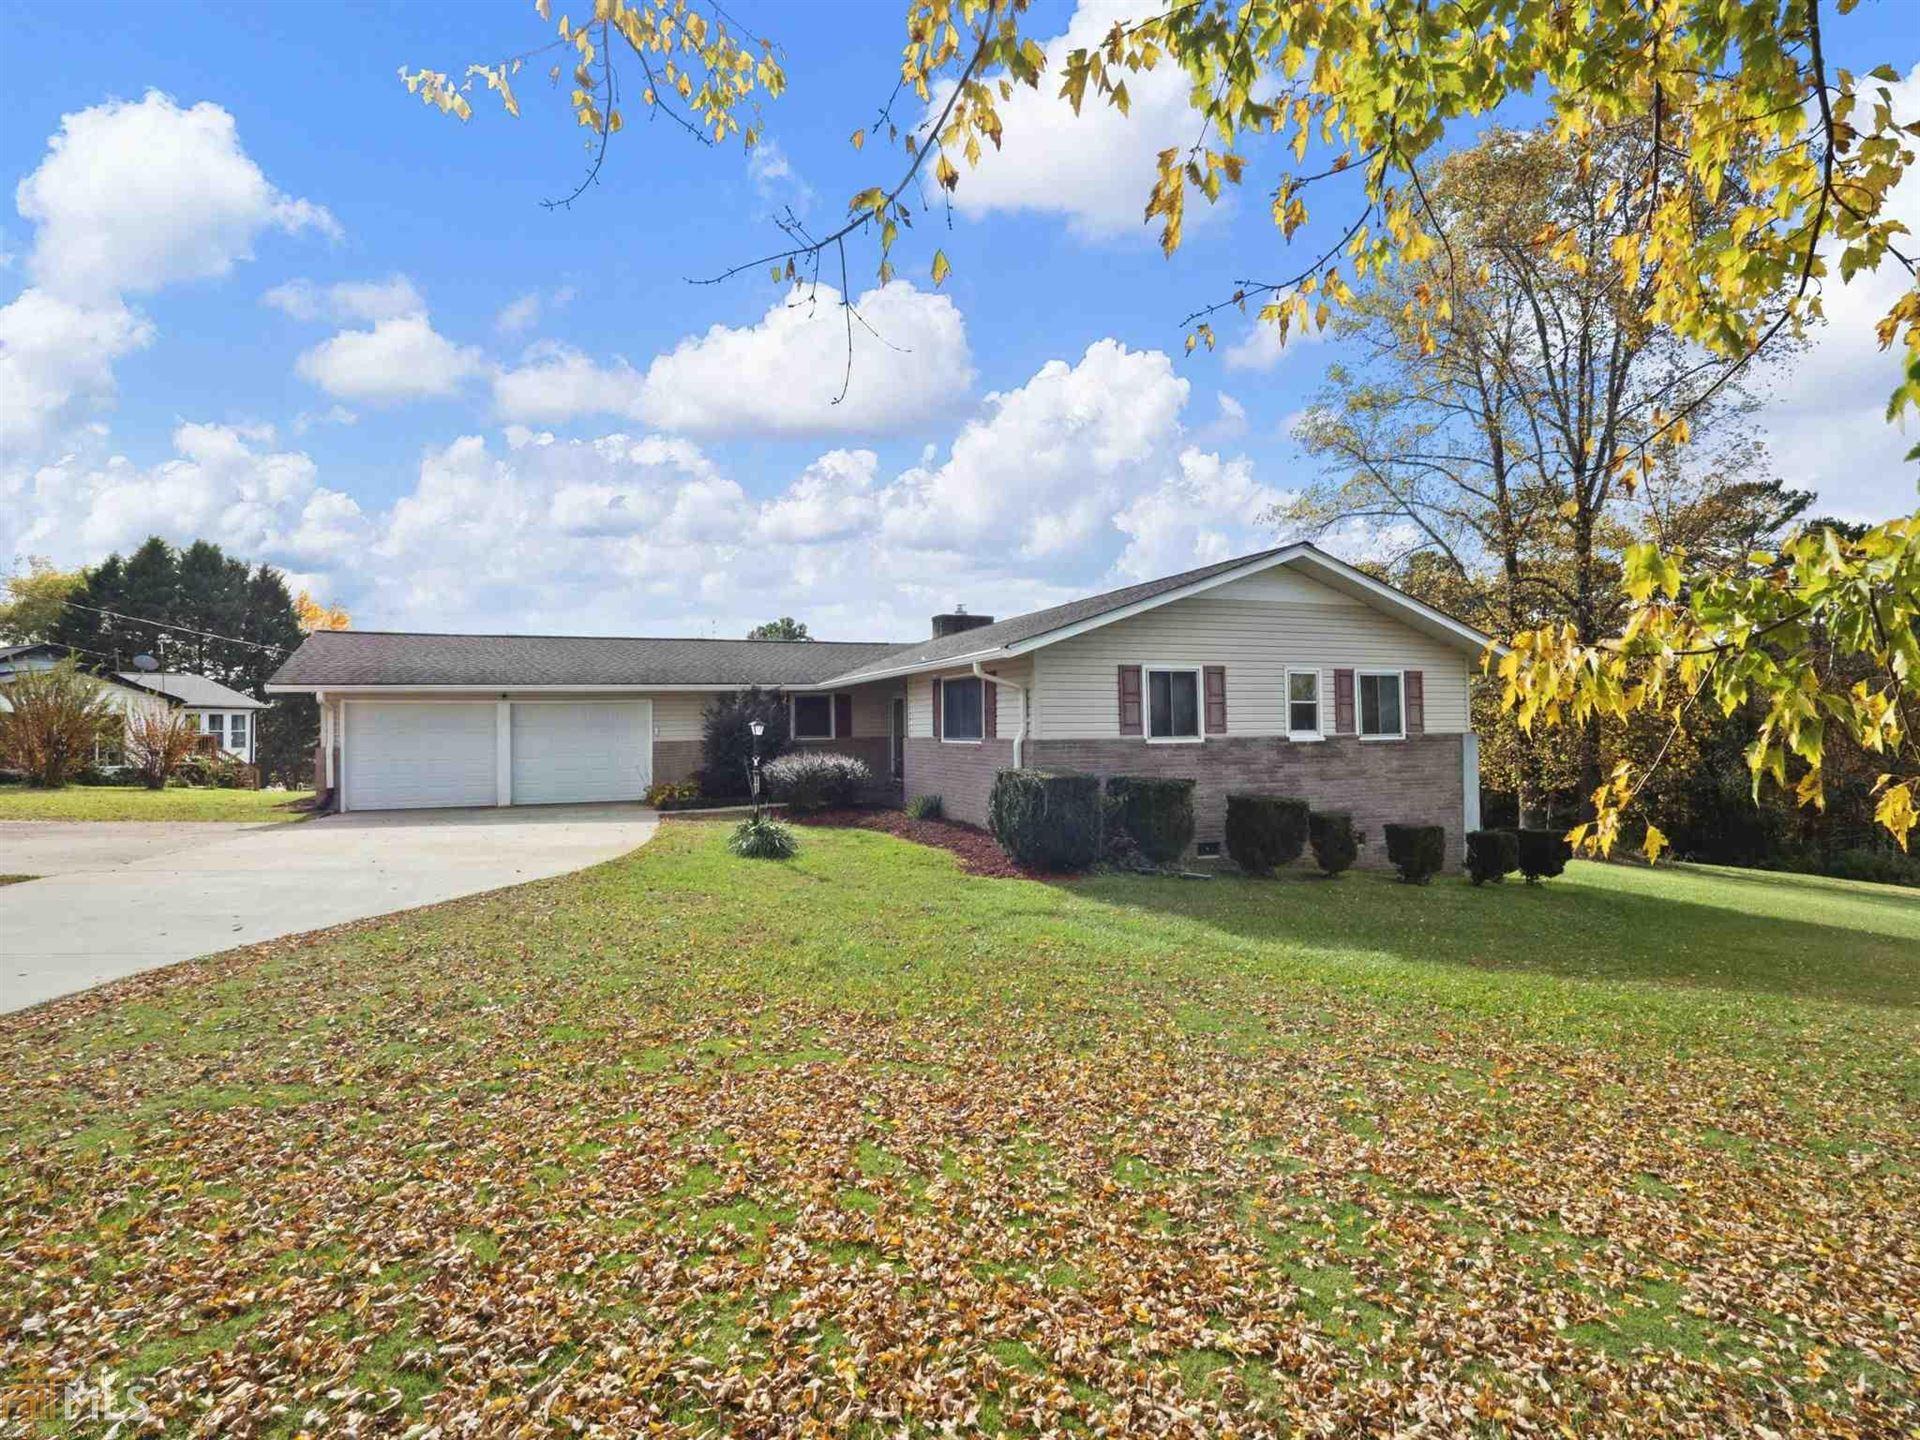 149 Acre Estates, Toccoa, GA 30577 - MLS#: 8888405